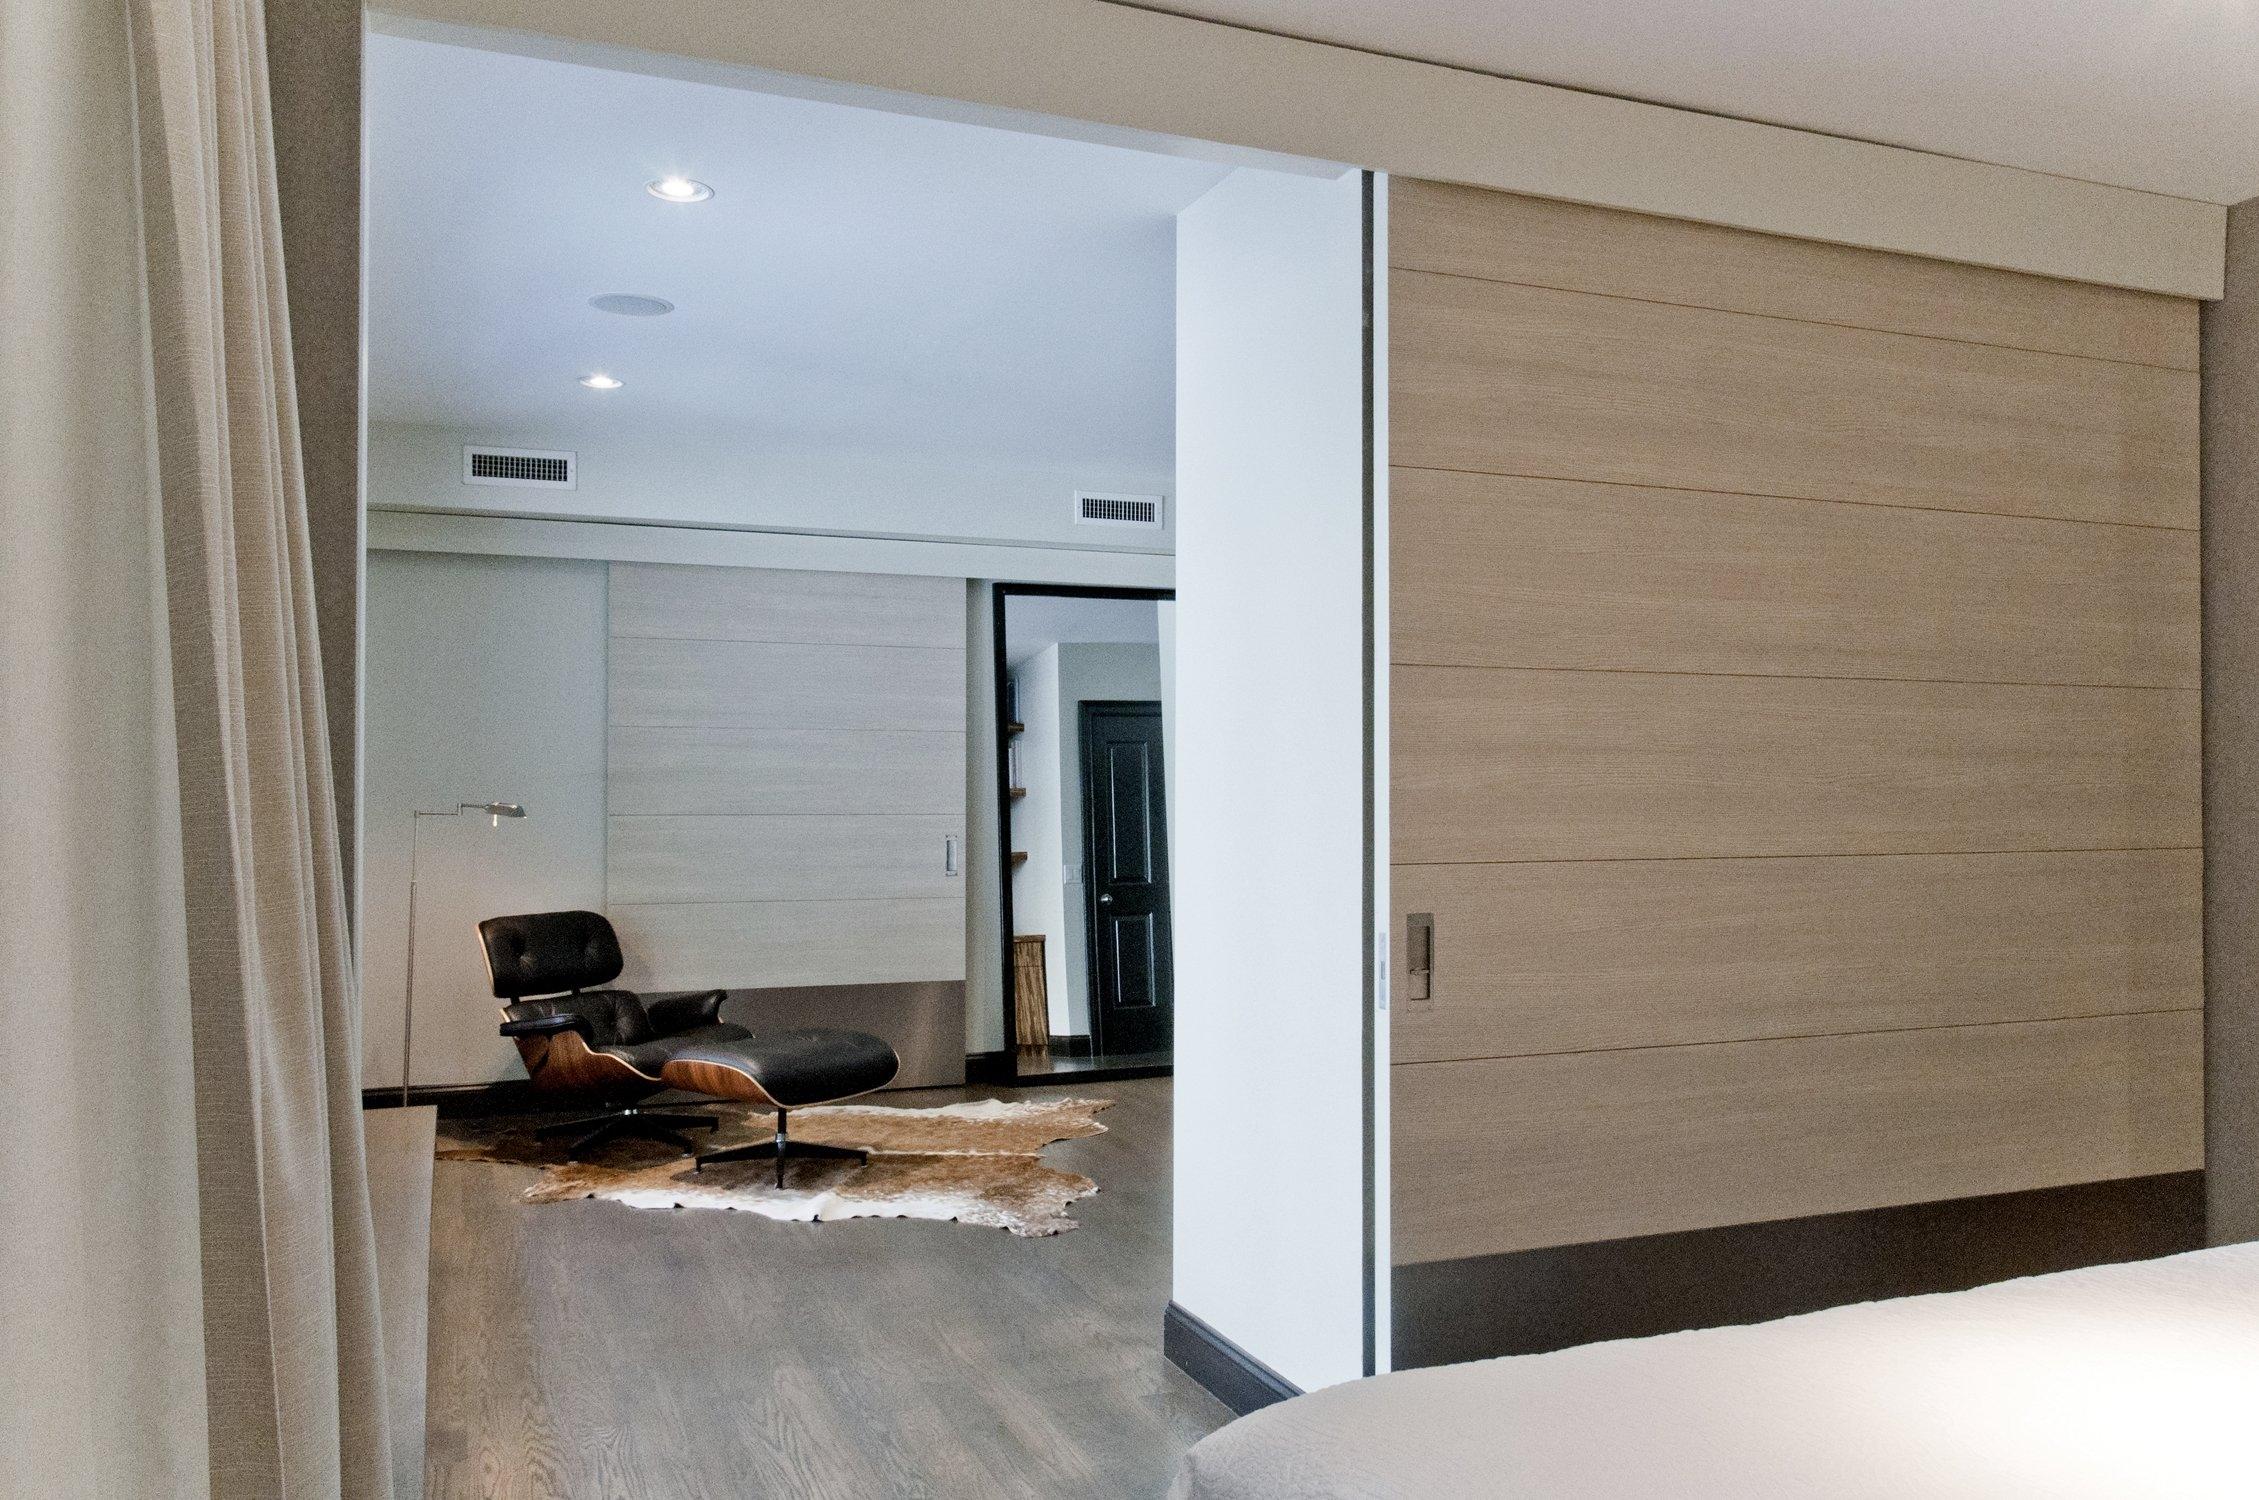 Wall To Wall Sliding Door Kitinterior attractive sliding room dividers for interior decor idea